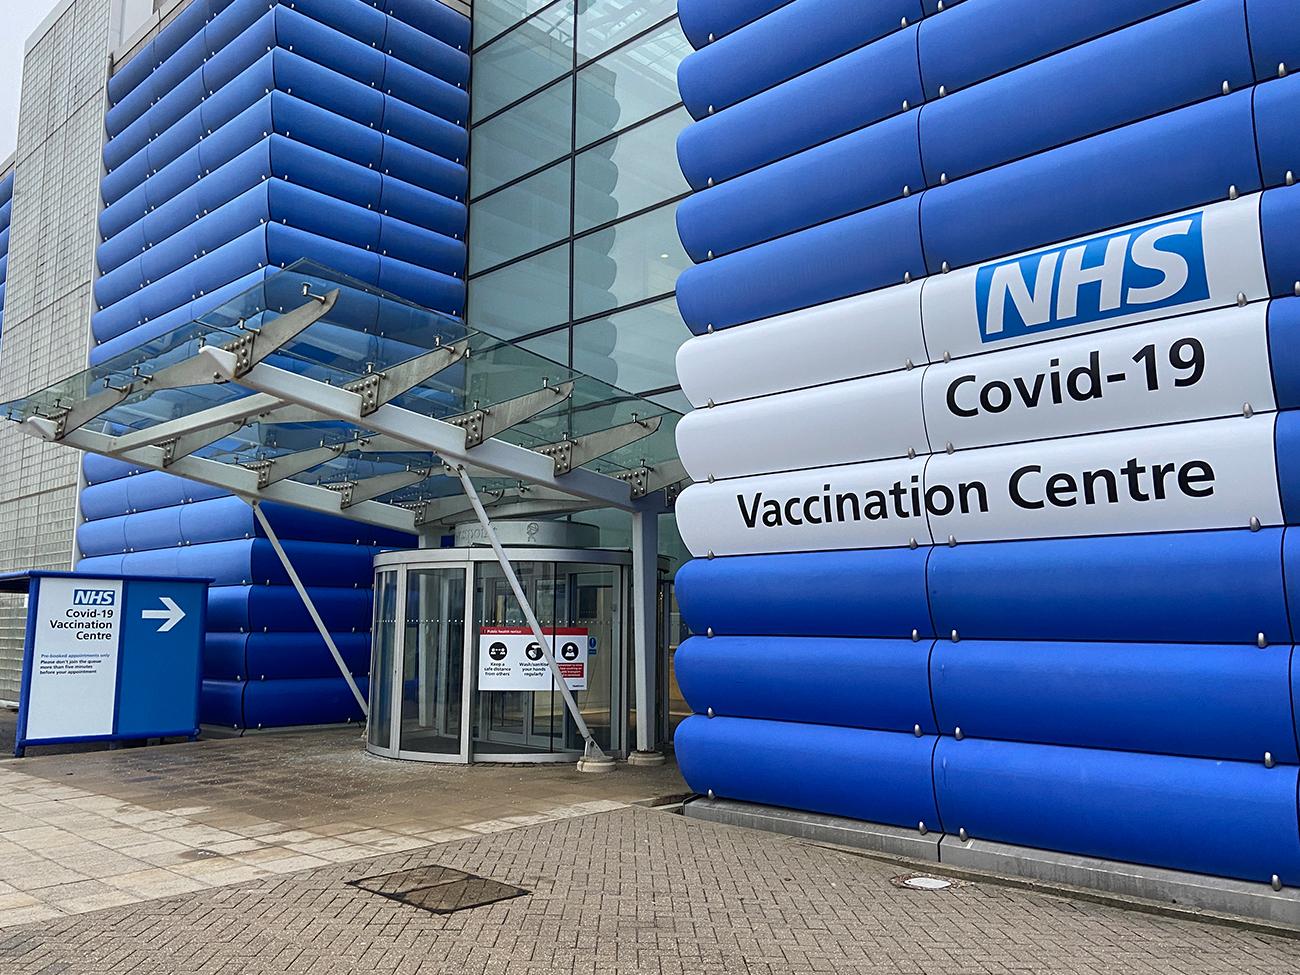 NHS Building Branding